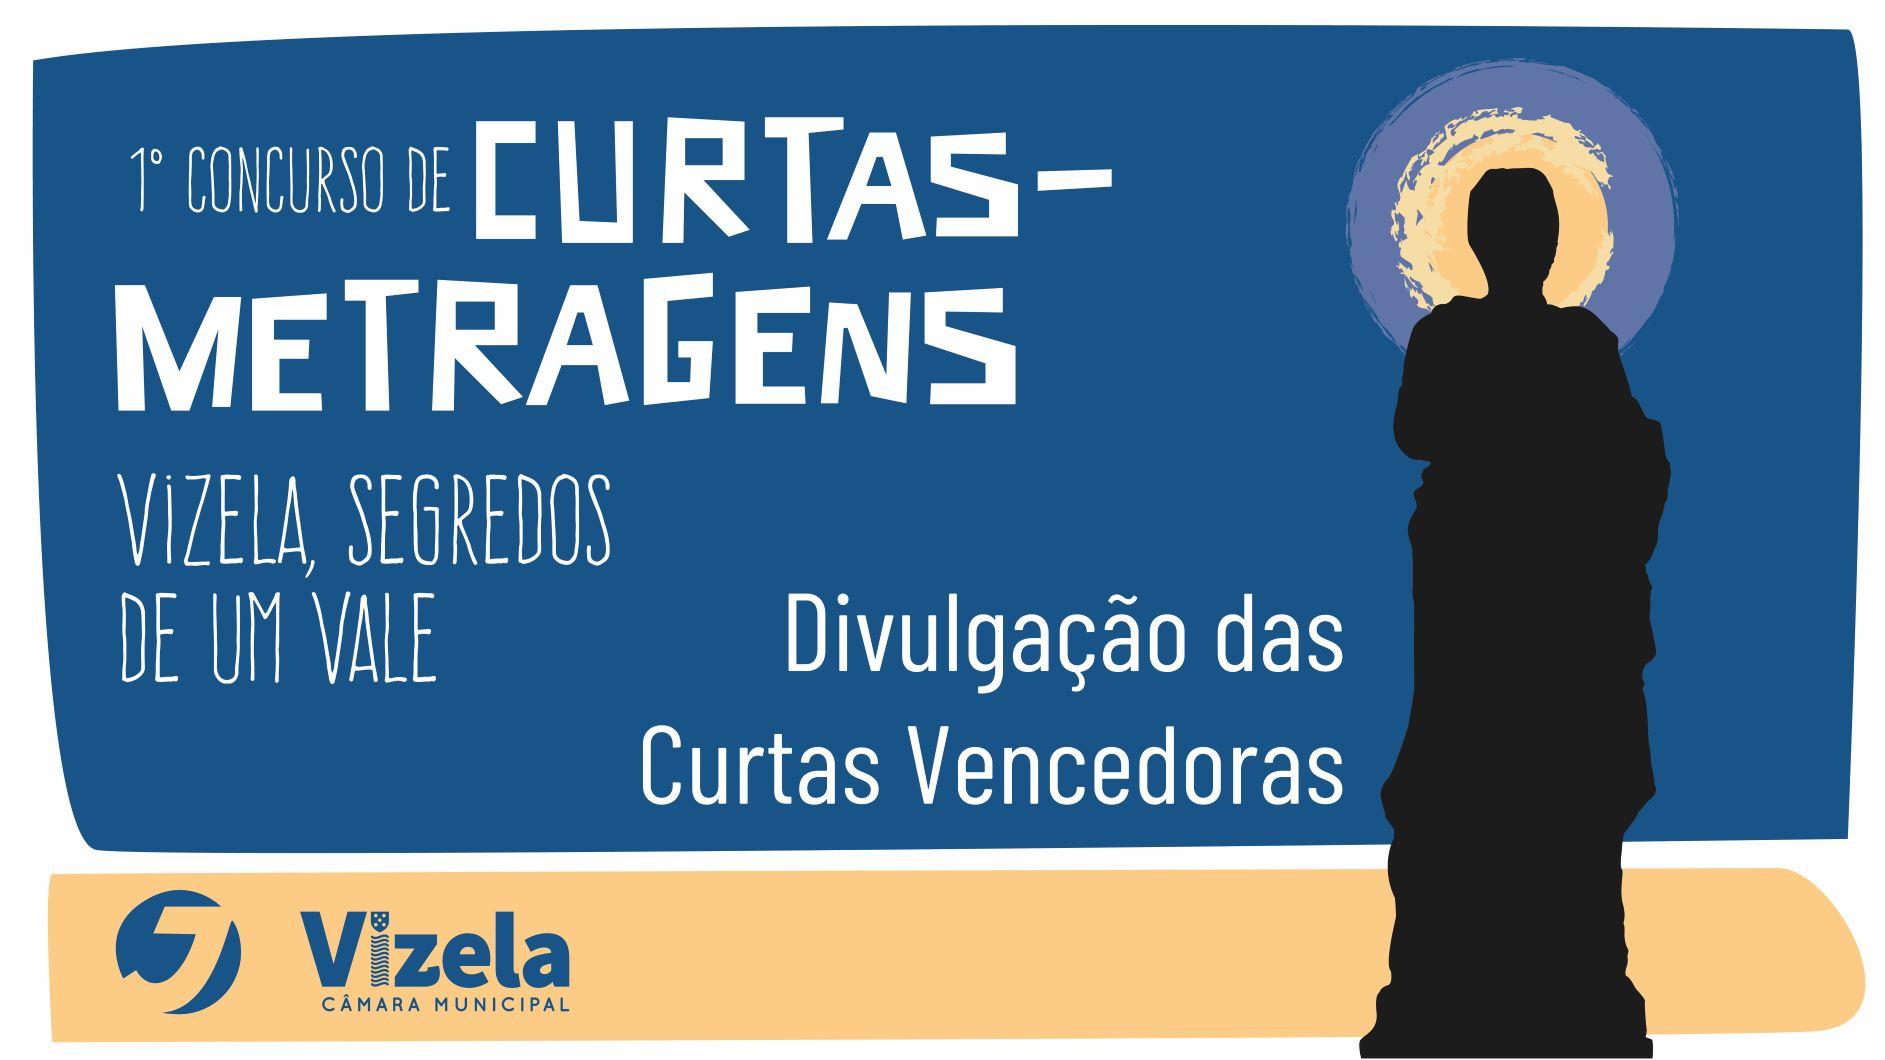 DIVULGADOS HOJE TRABALHOS VENCEDORES DO 1º CONCURSO DE CURTAS-METRAGENS: VIZELA, SEGREDOS DE UM VALE